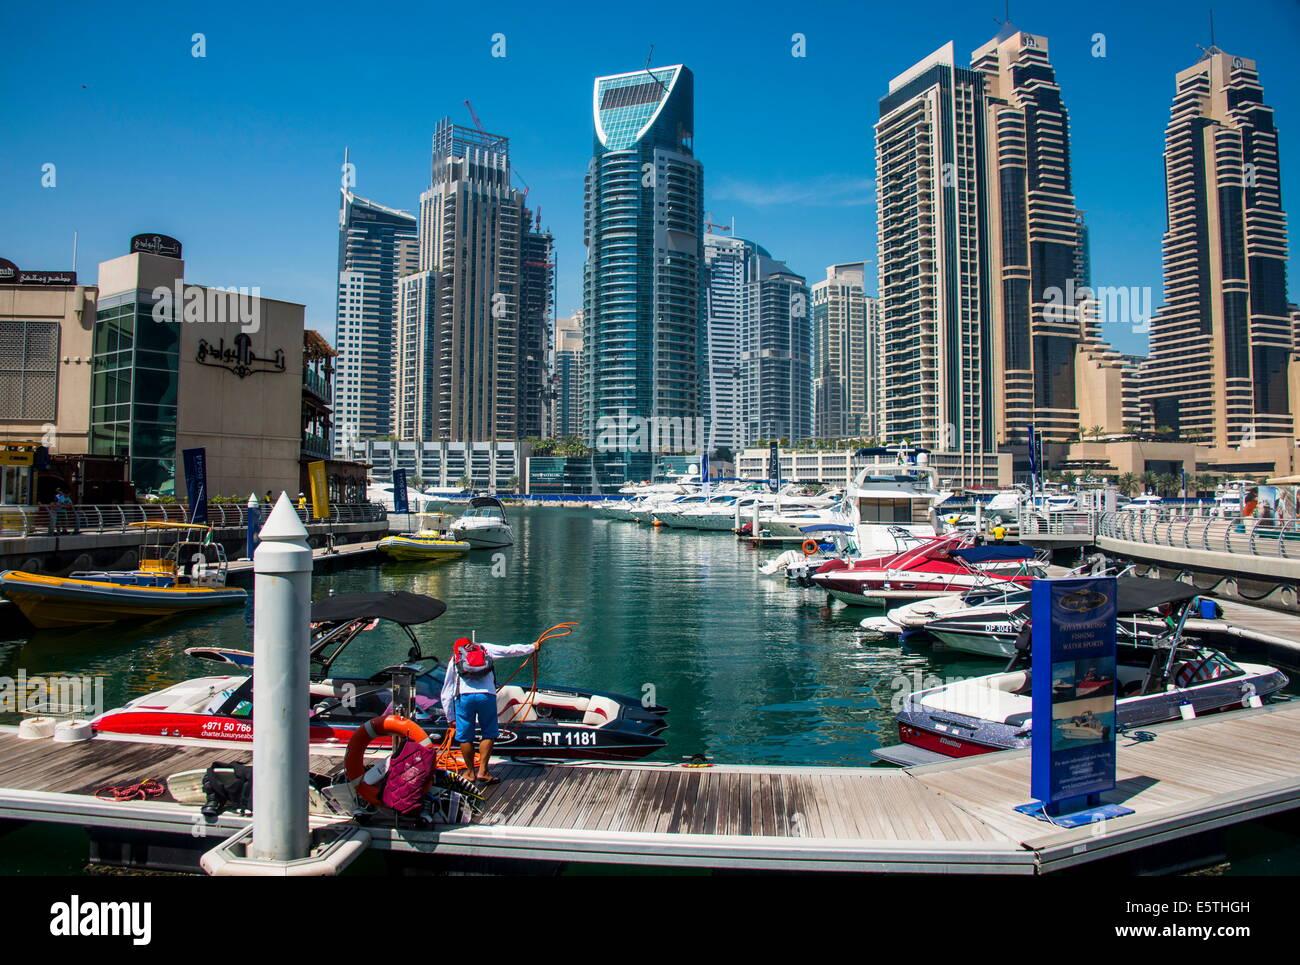 Dubai Marina, Dubai, Emiratos Árabes Unidos, Oriente Medio Imagen De Stock